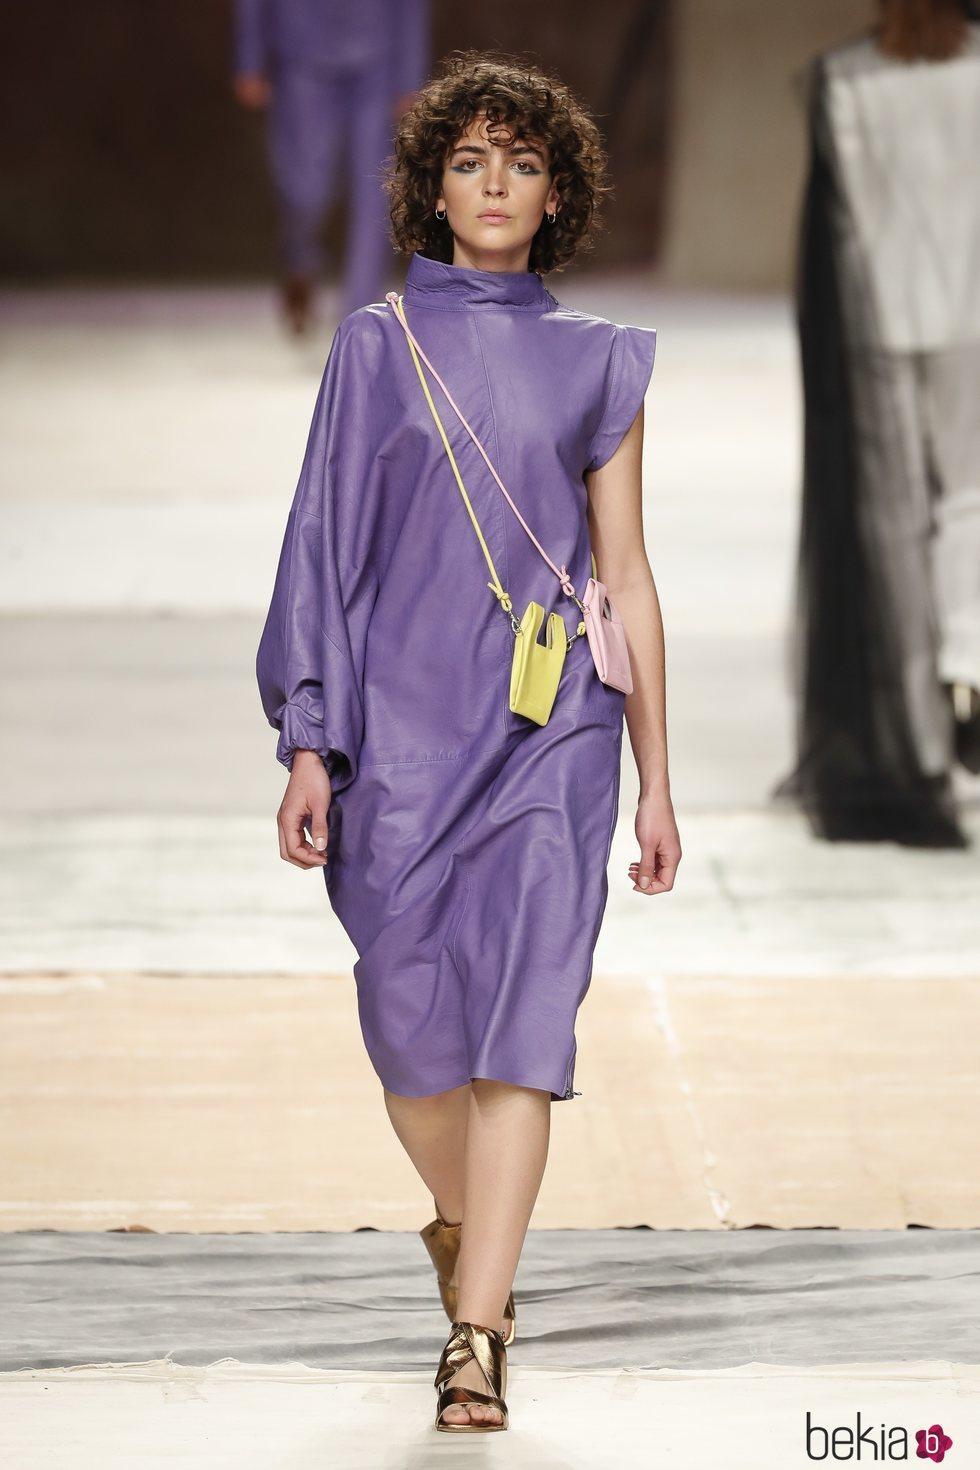 Vestido asimétrico de la colección primavera/verano 2019 de Roberto Verino